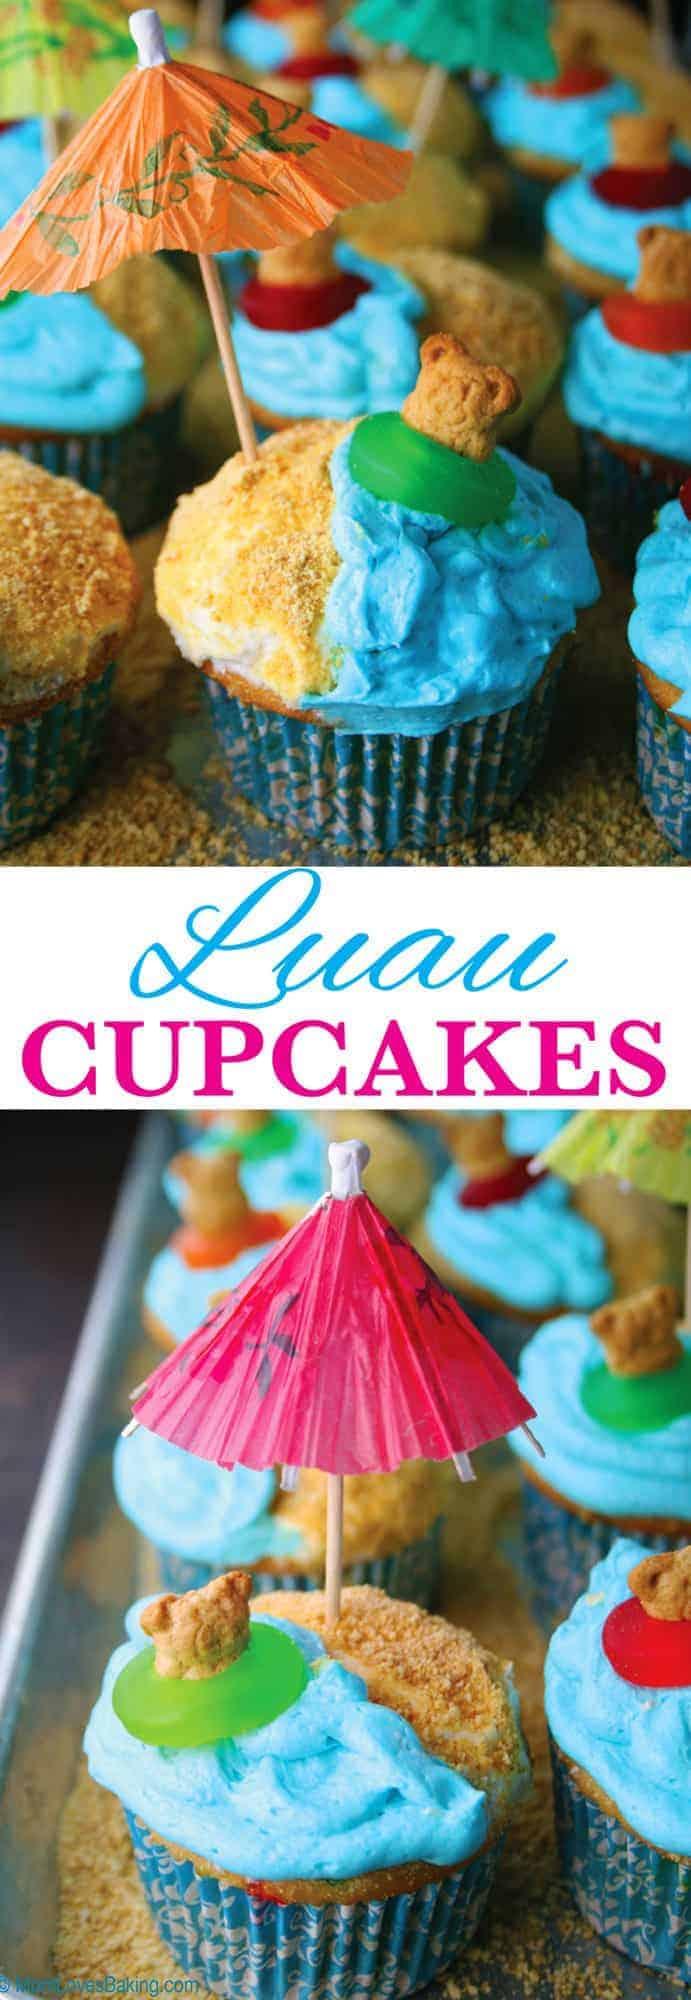 Luau Cupcakes